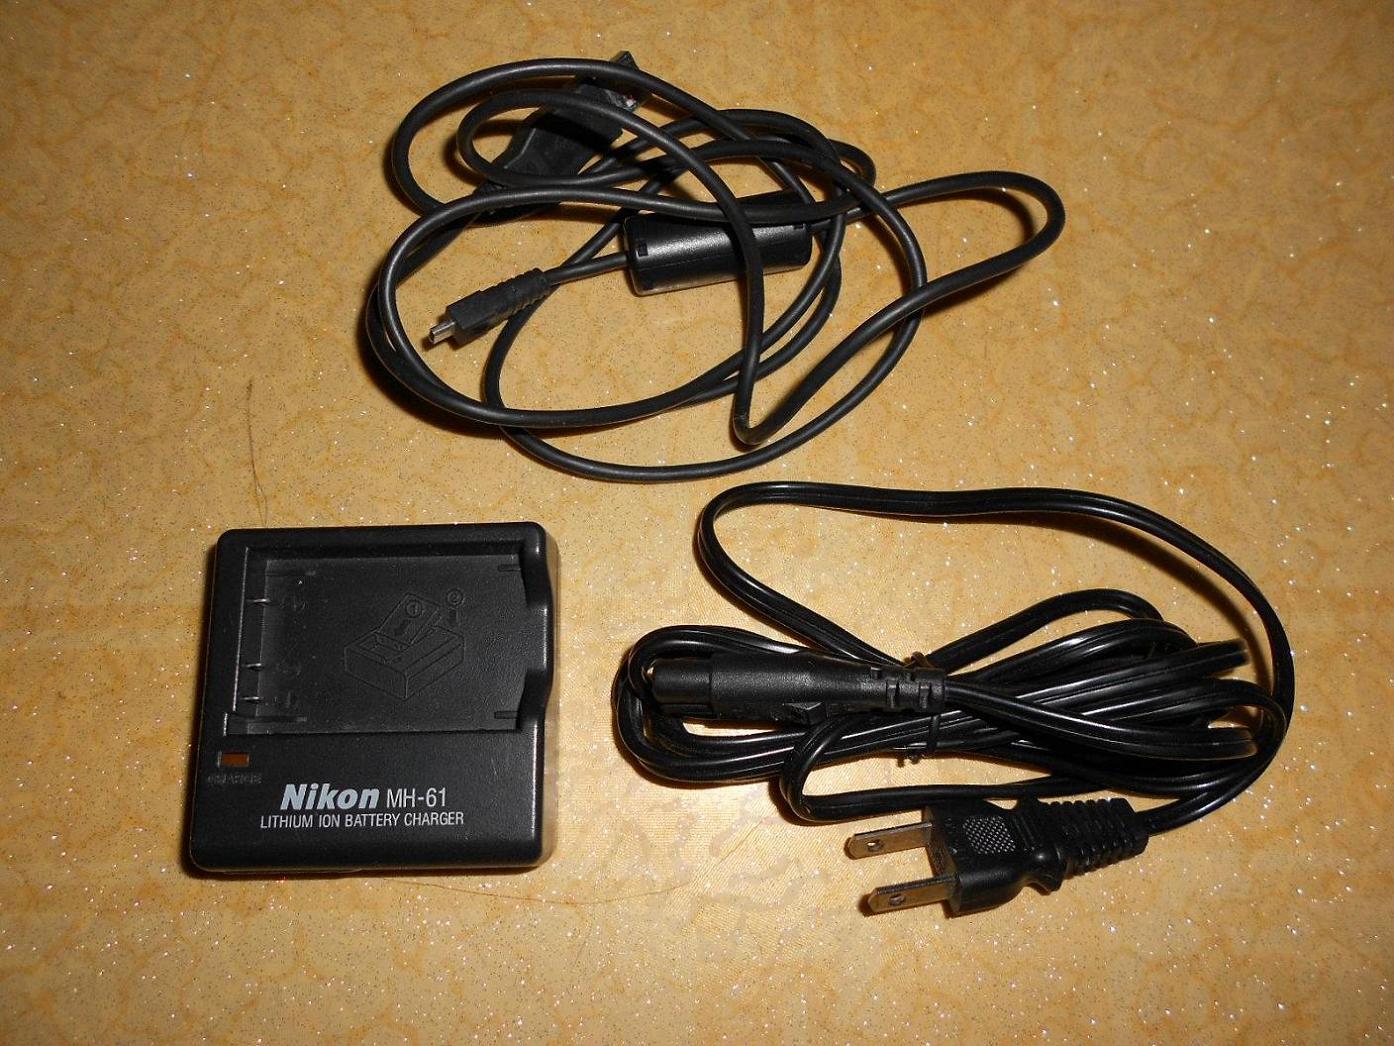 尼康相机 座充电器 数据线